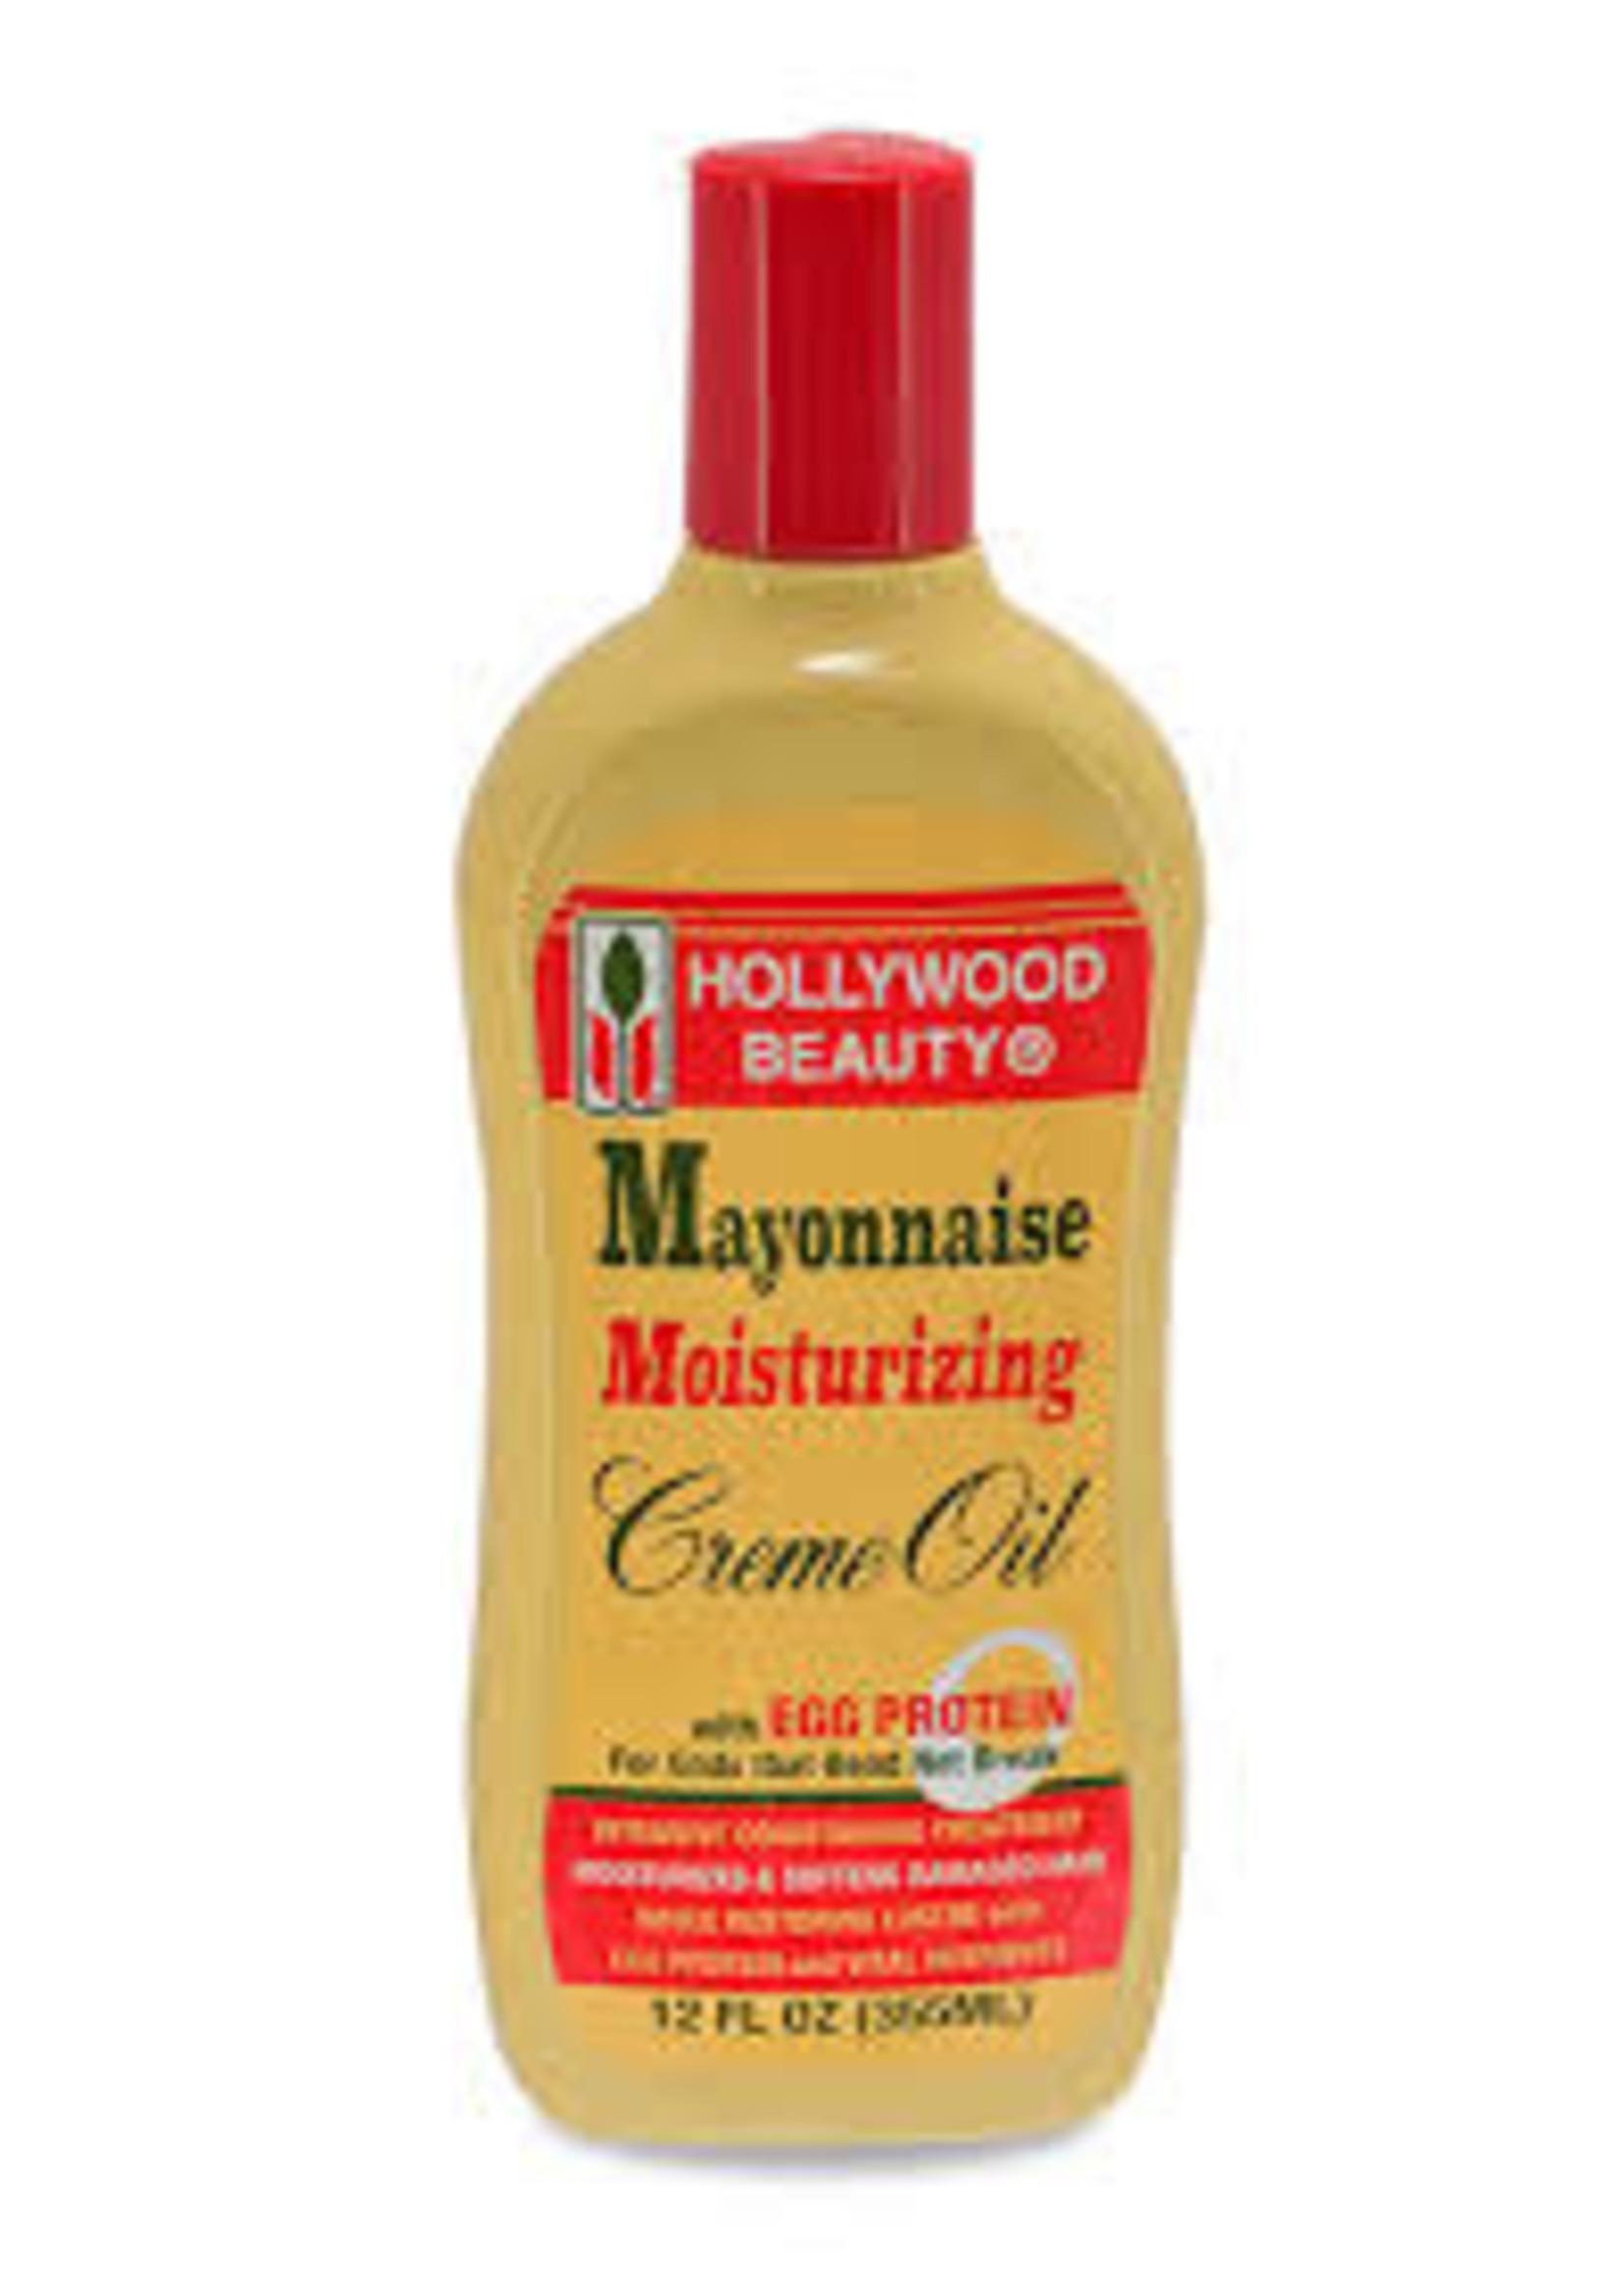 Hollywood Beauty Hair Moisturizer 12oz